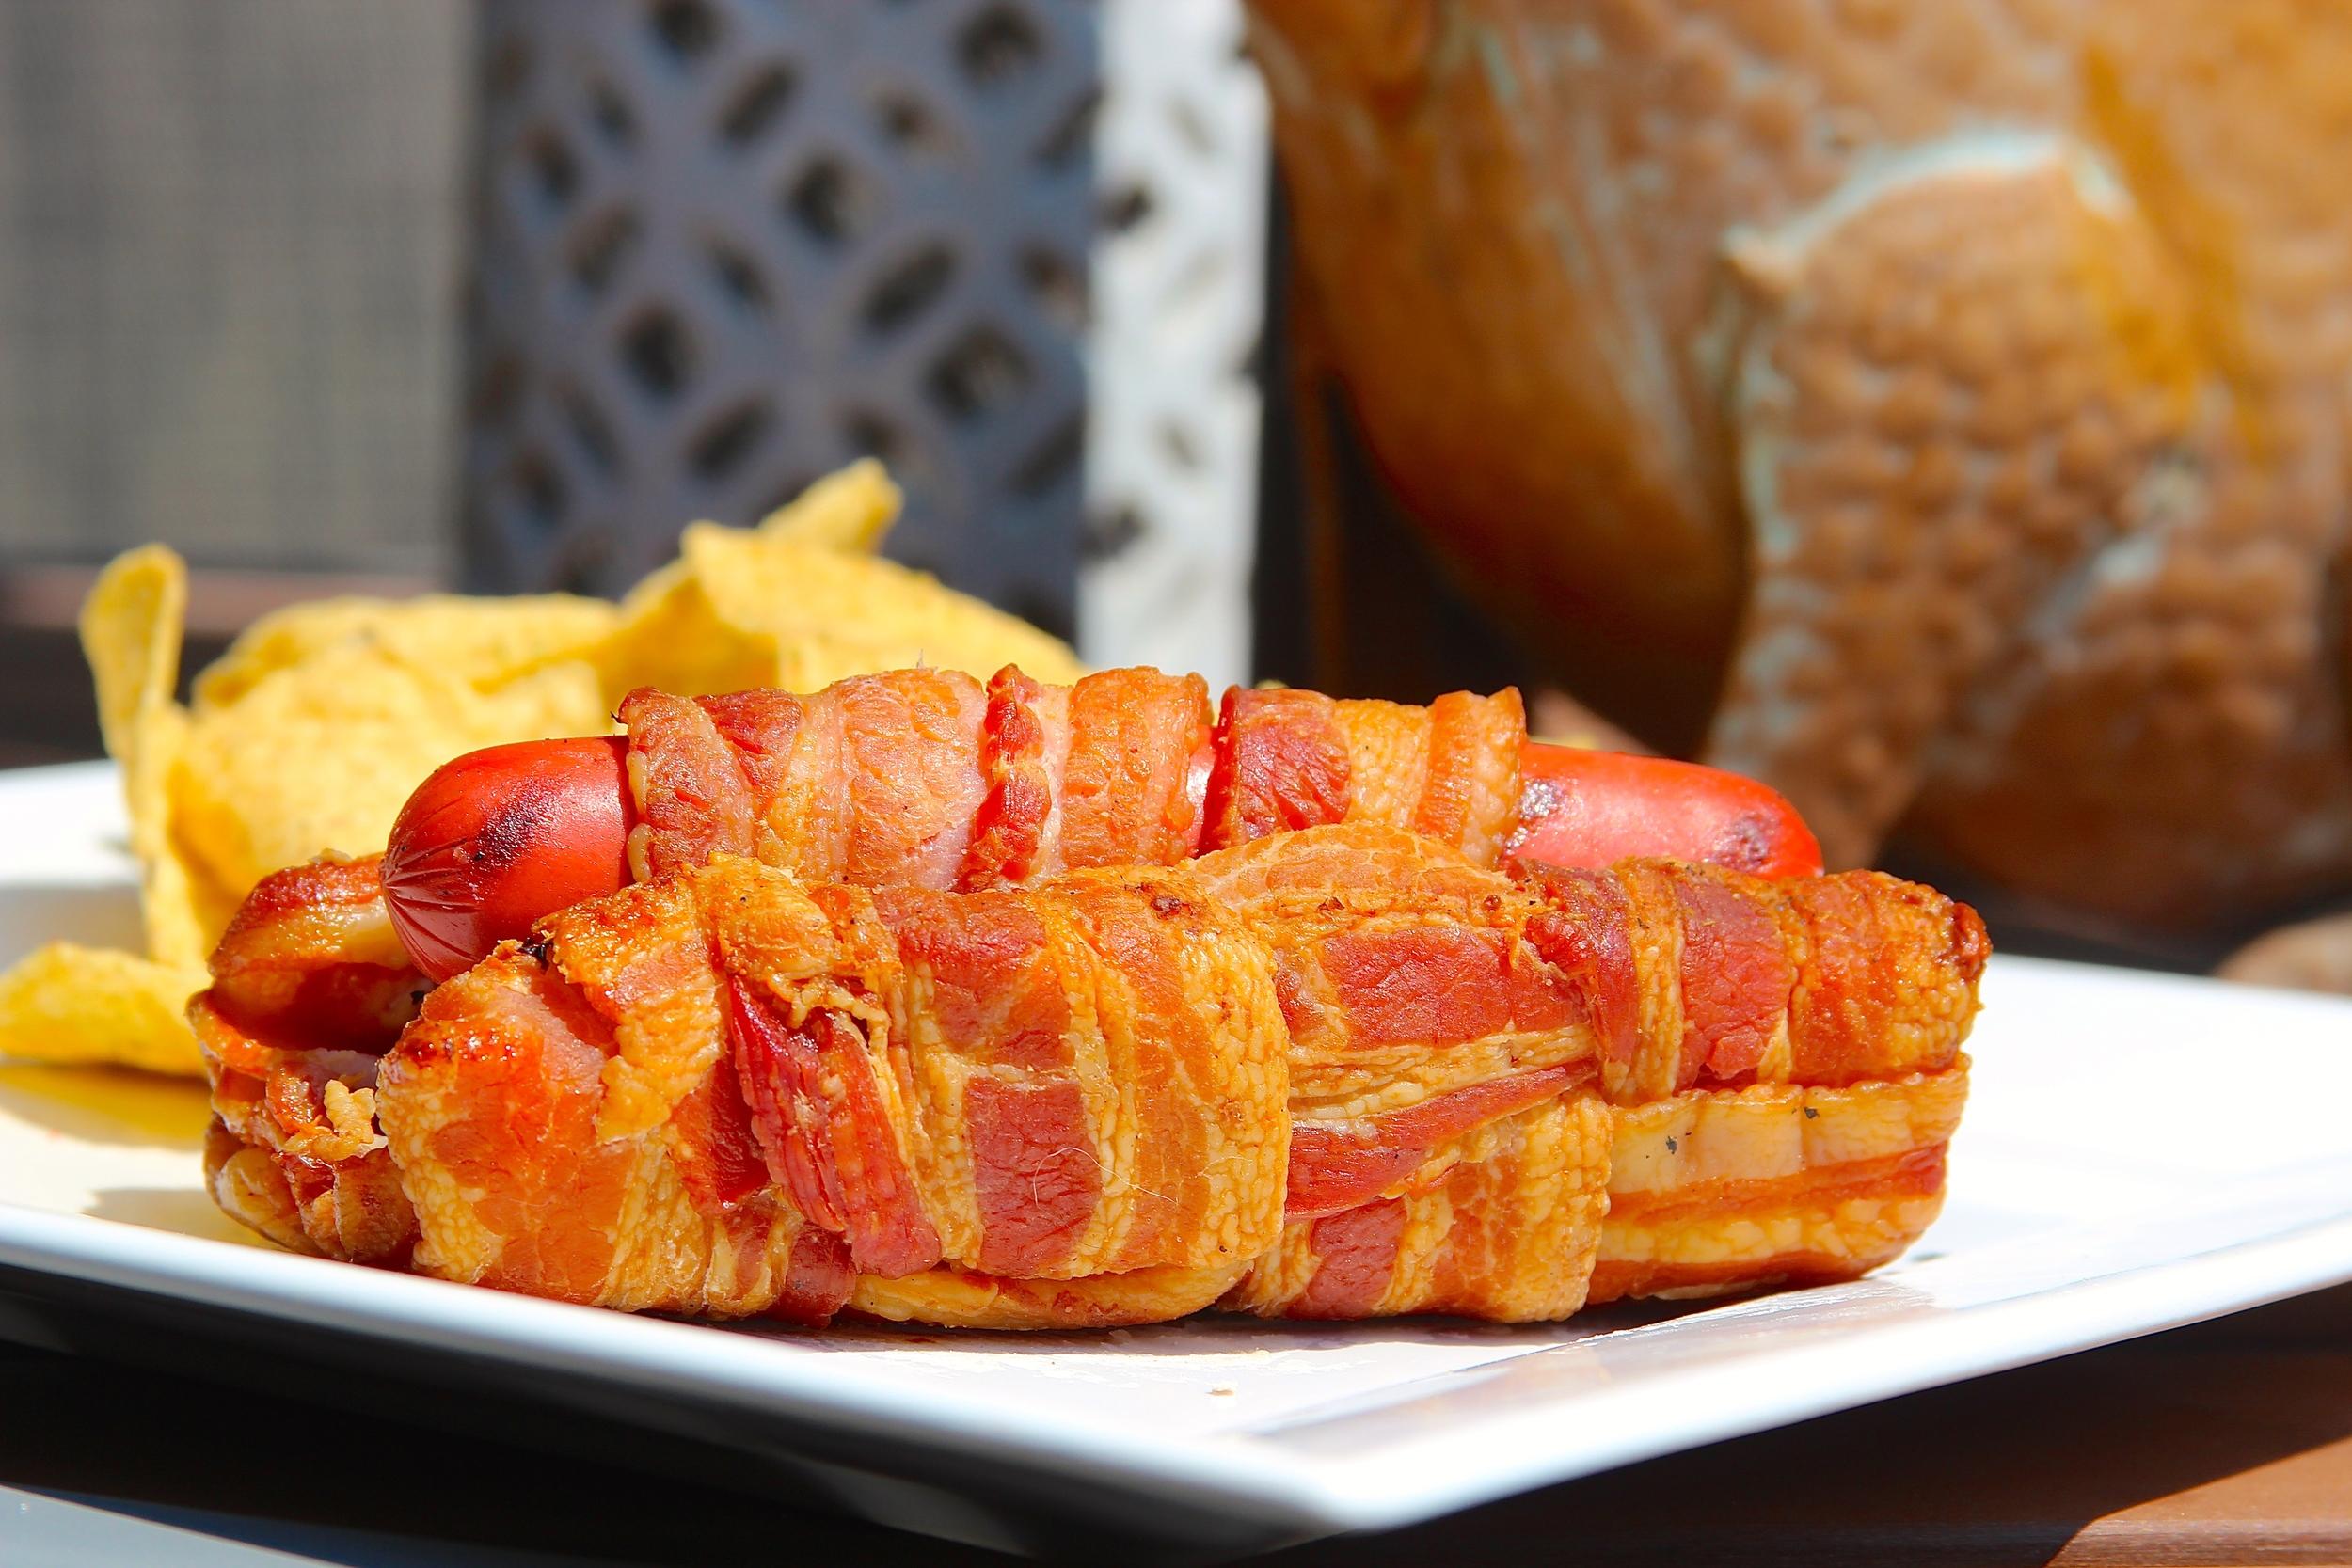 Bacon Wrapped Hot Dog with Bacon Bun